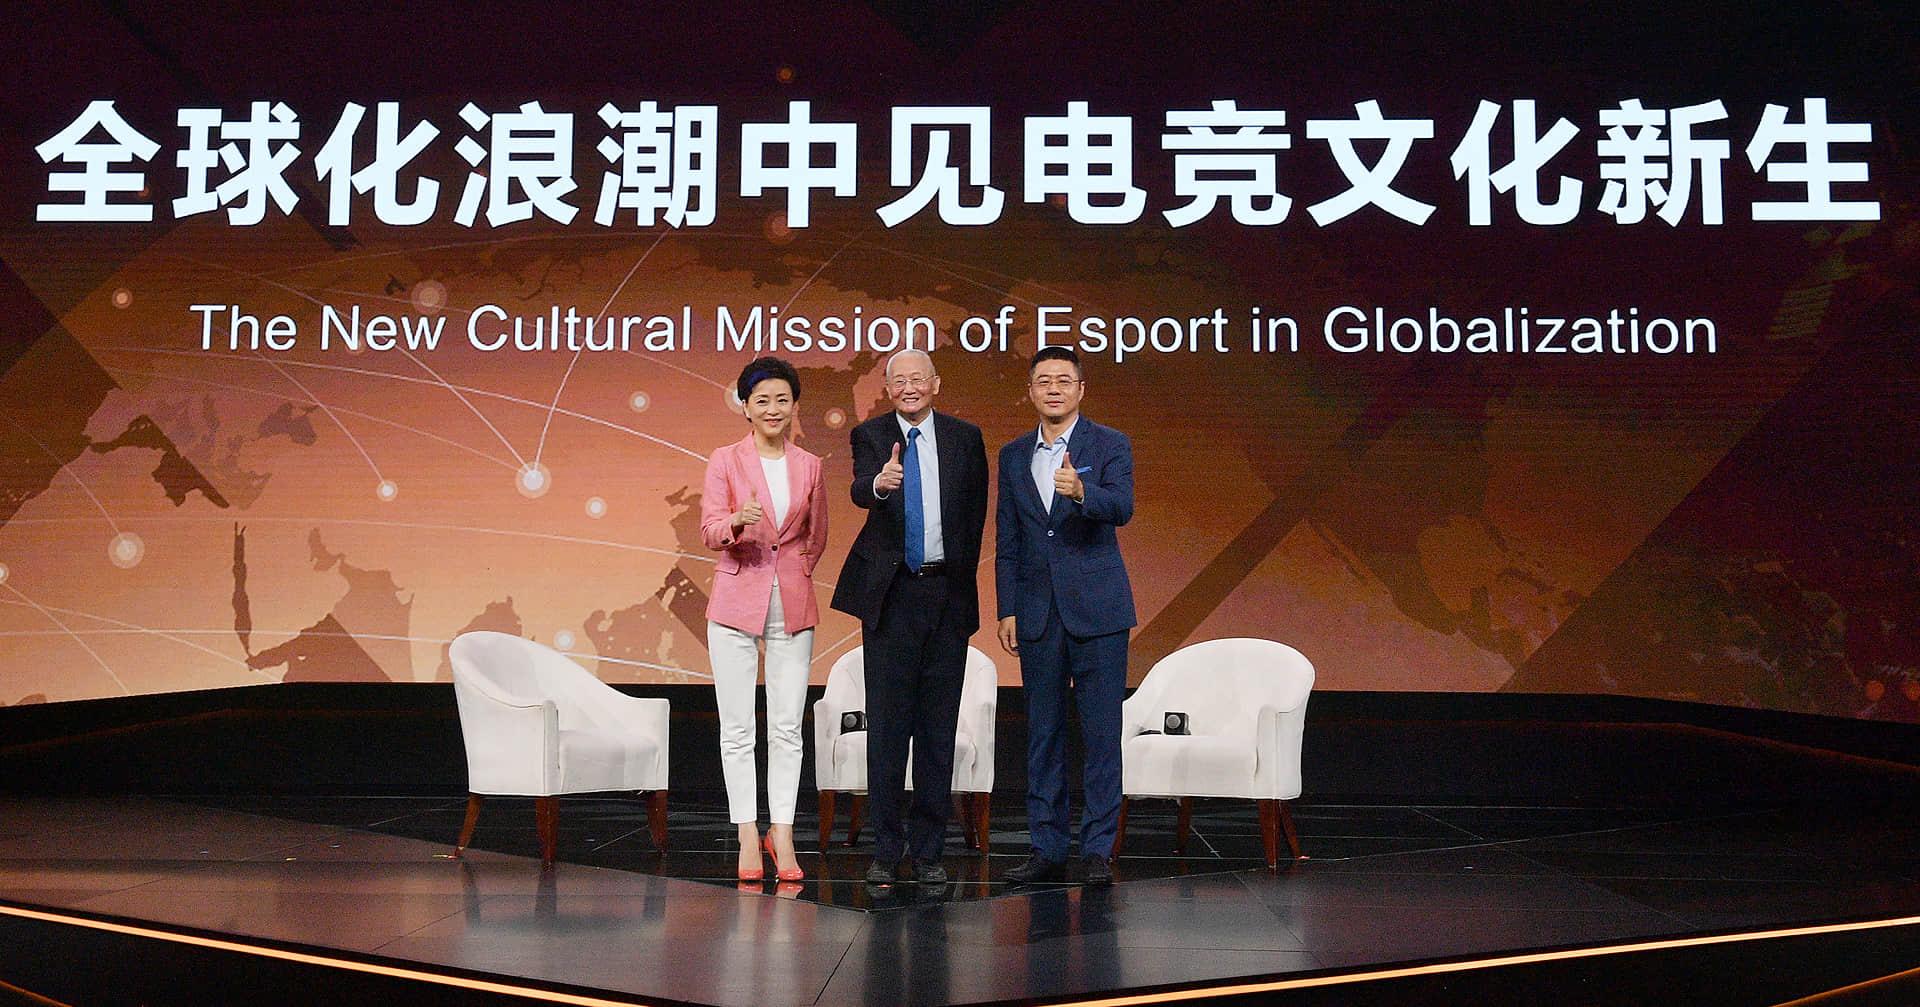 对话魏纪中、程武:电竞新使命,推动全球文化交流与传承-Gamewower